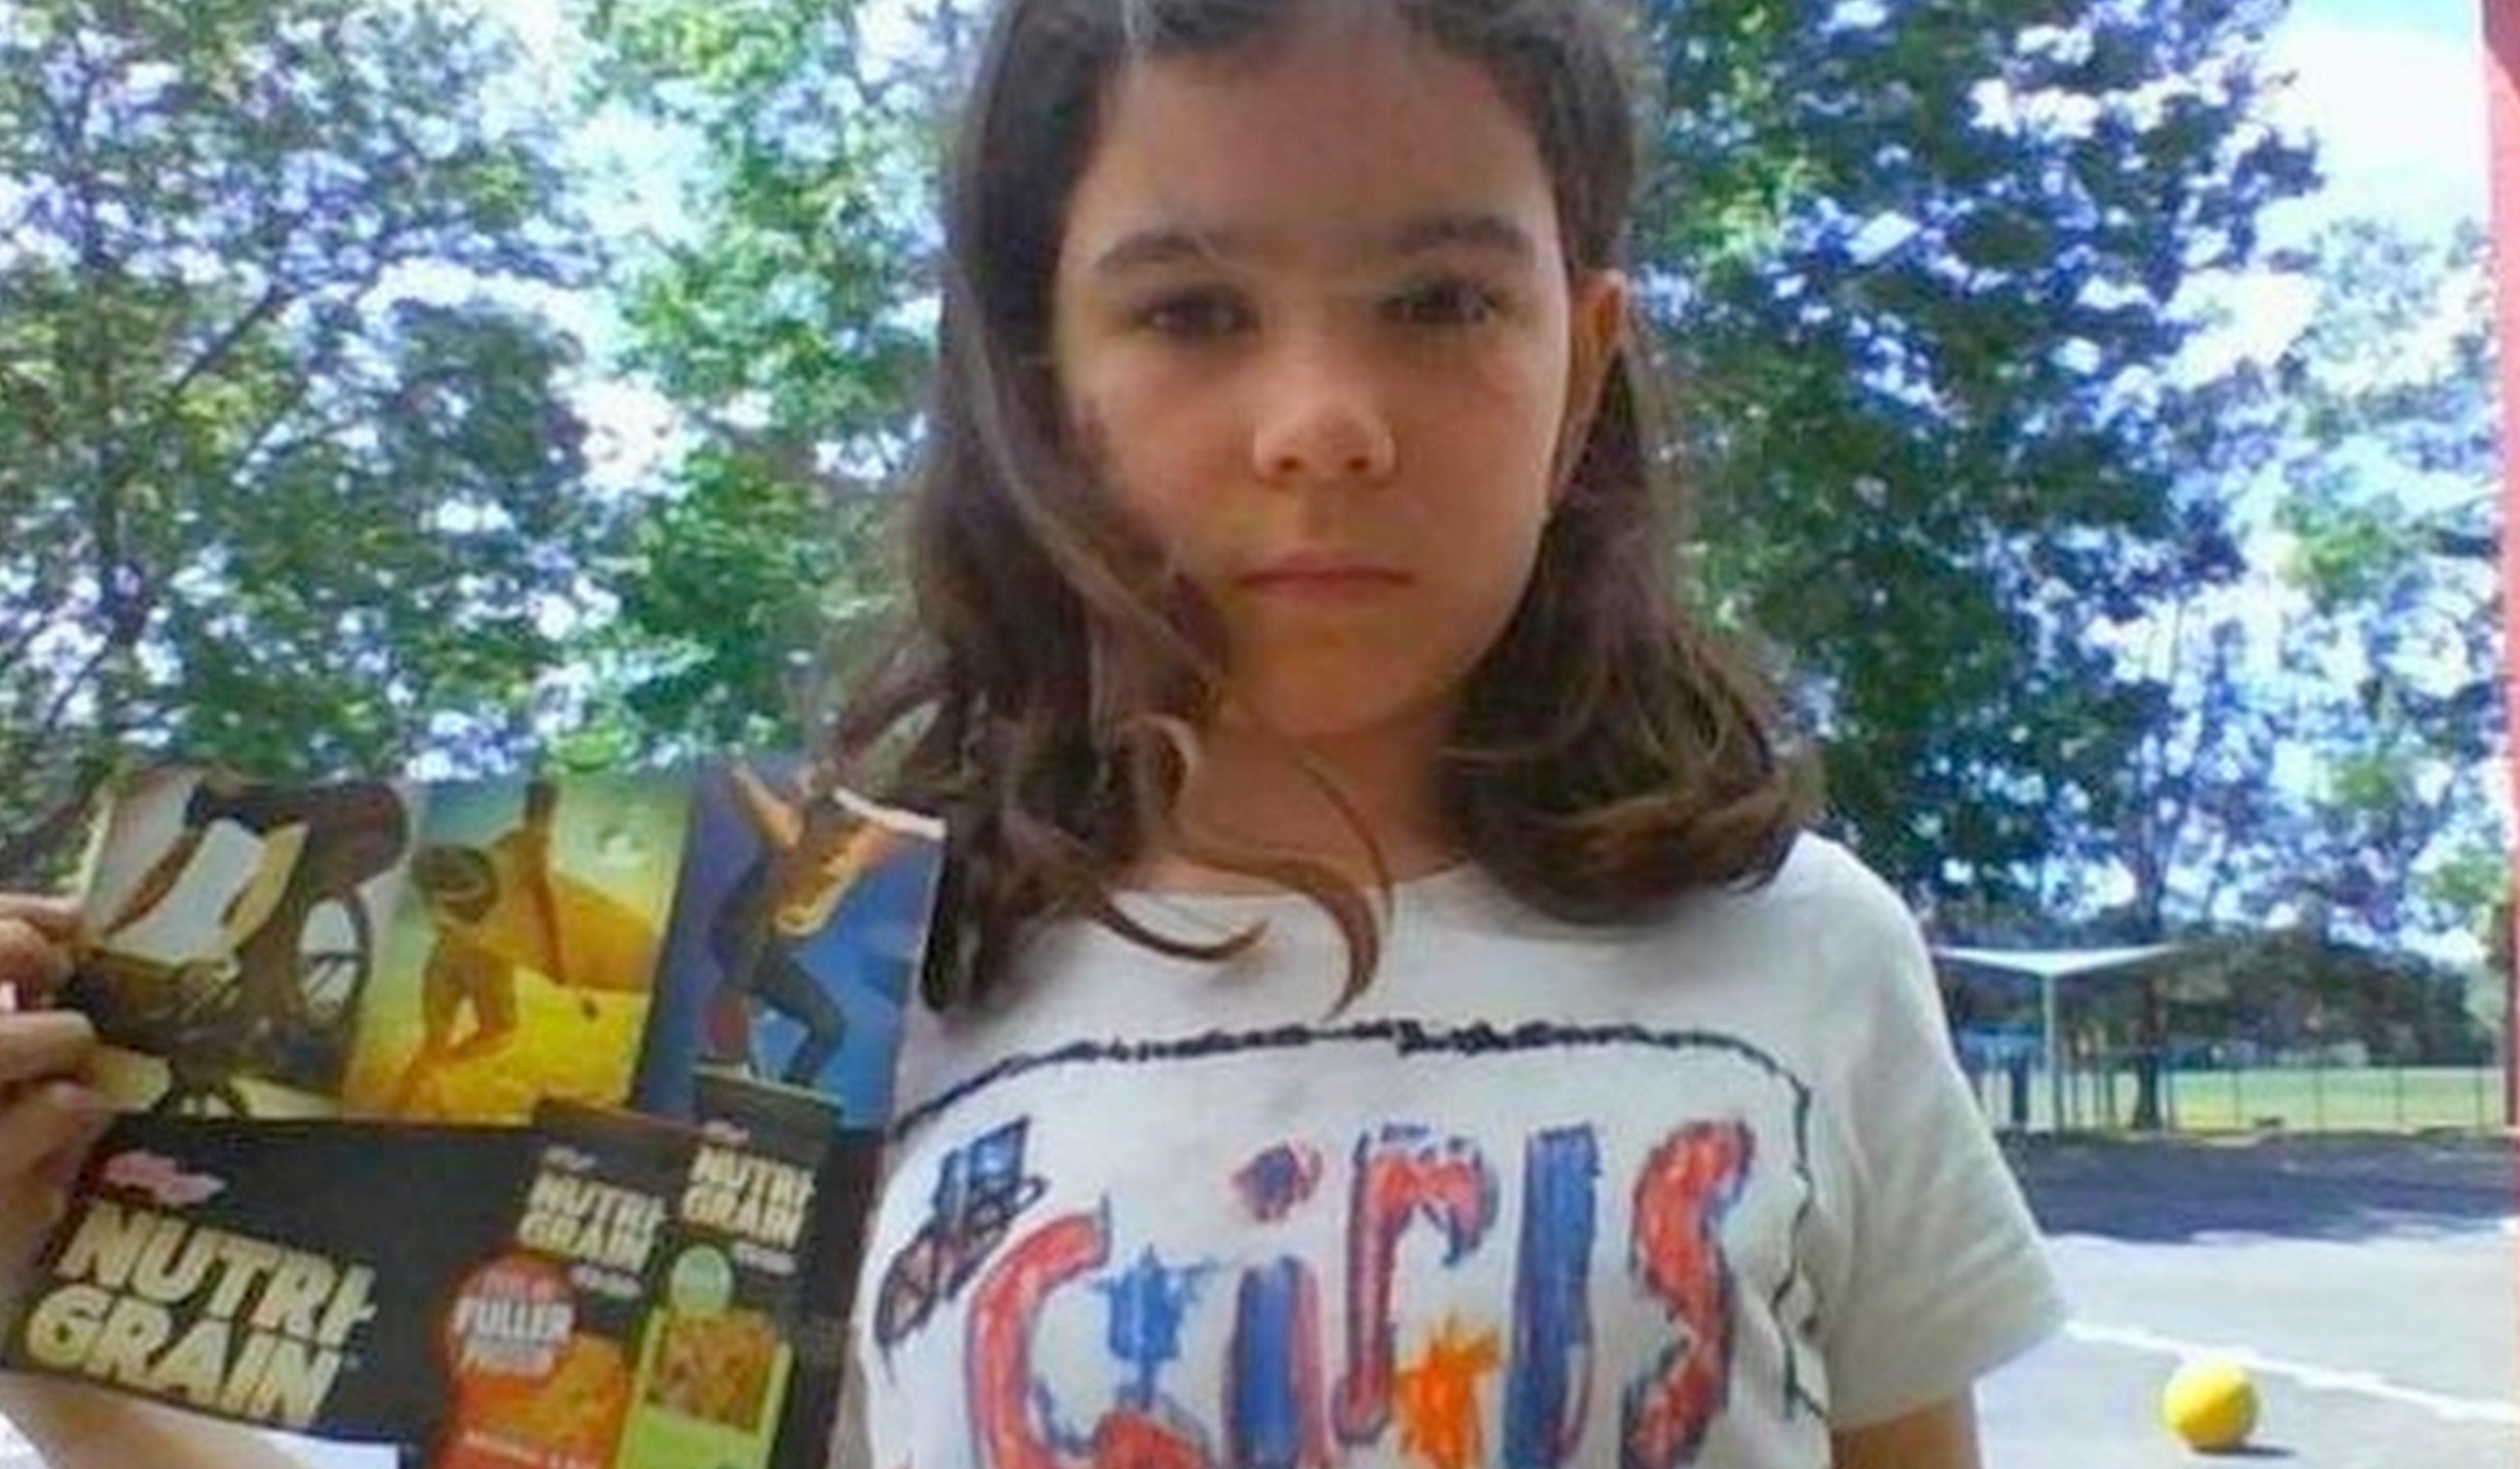 Menina de 8 anos faz marca de cereais incluir mulheres em embalagem 1